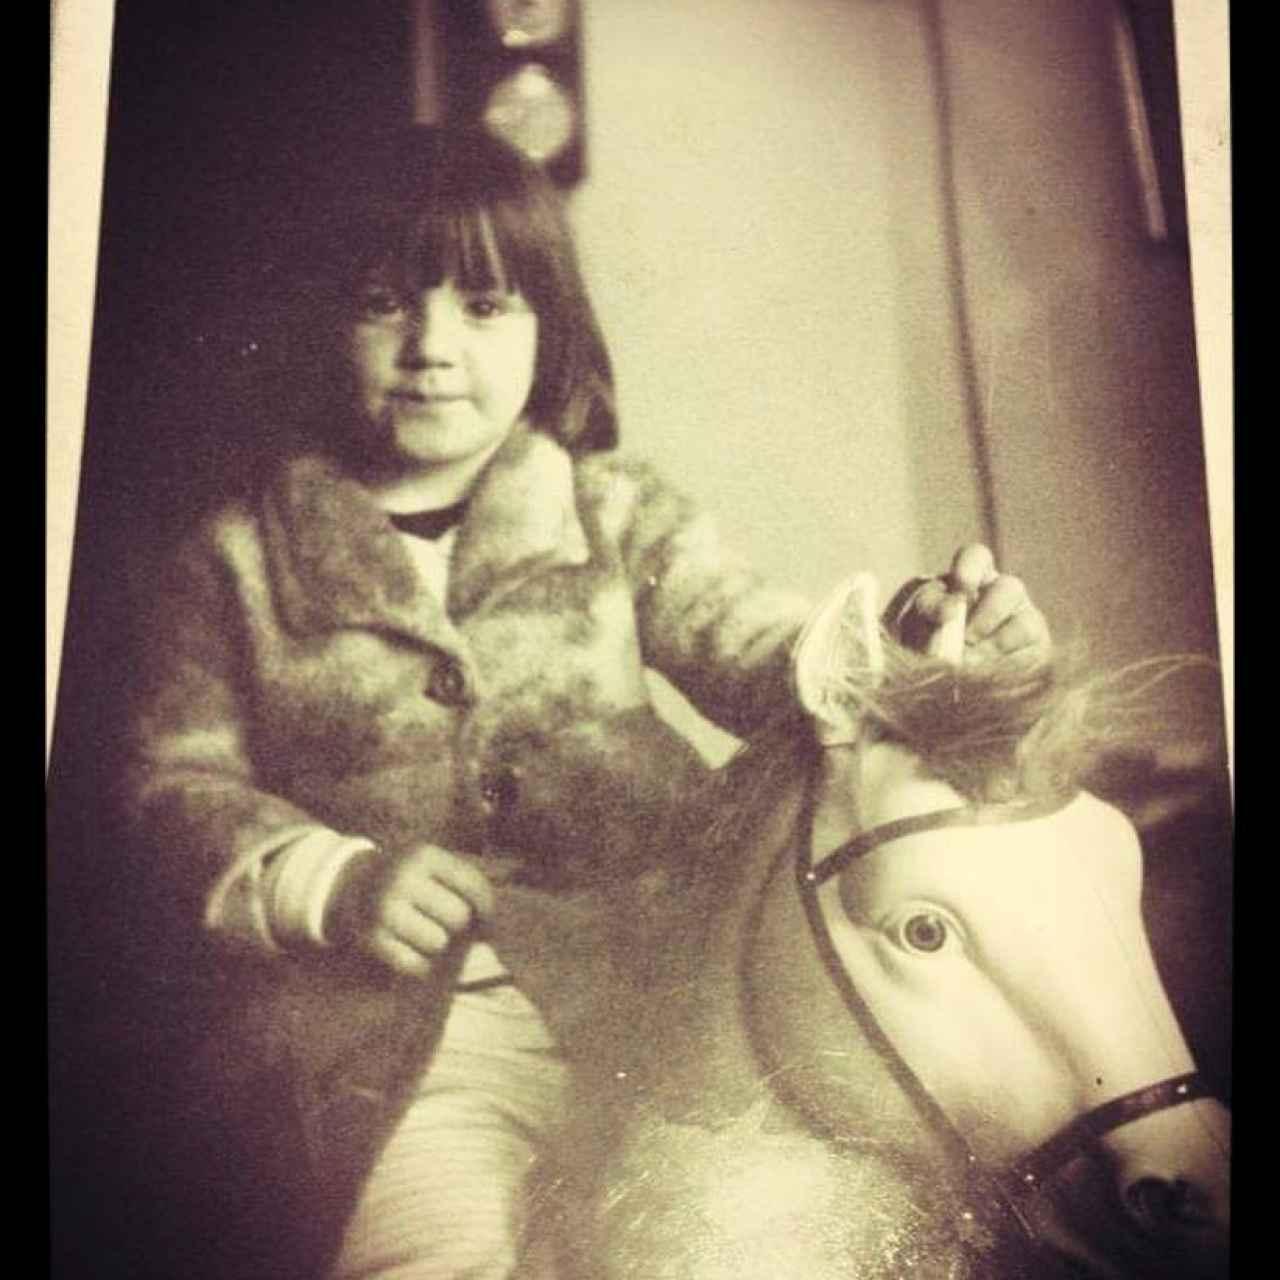 La actriz en una foto de niña compartida en su cuenta de Instagram.